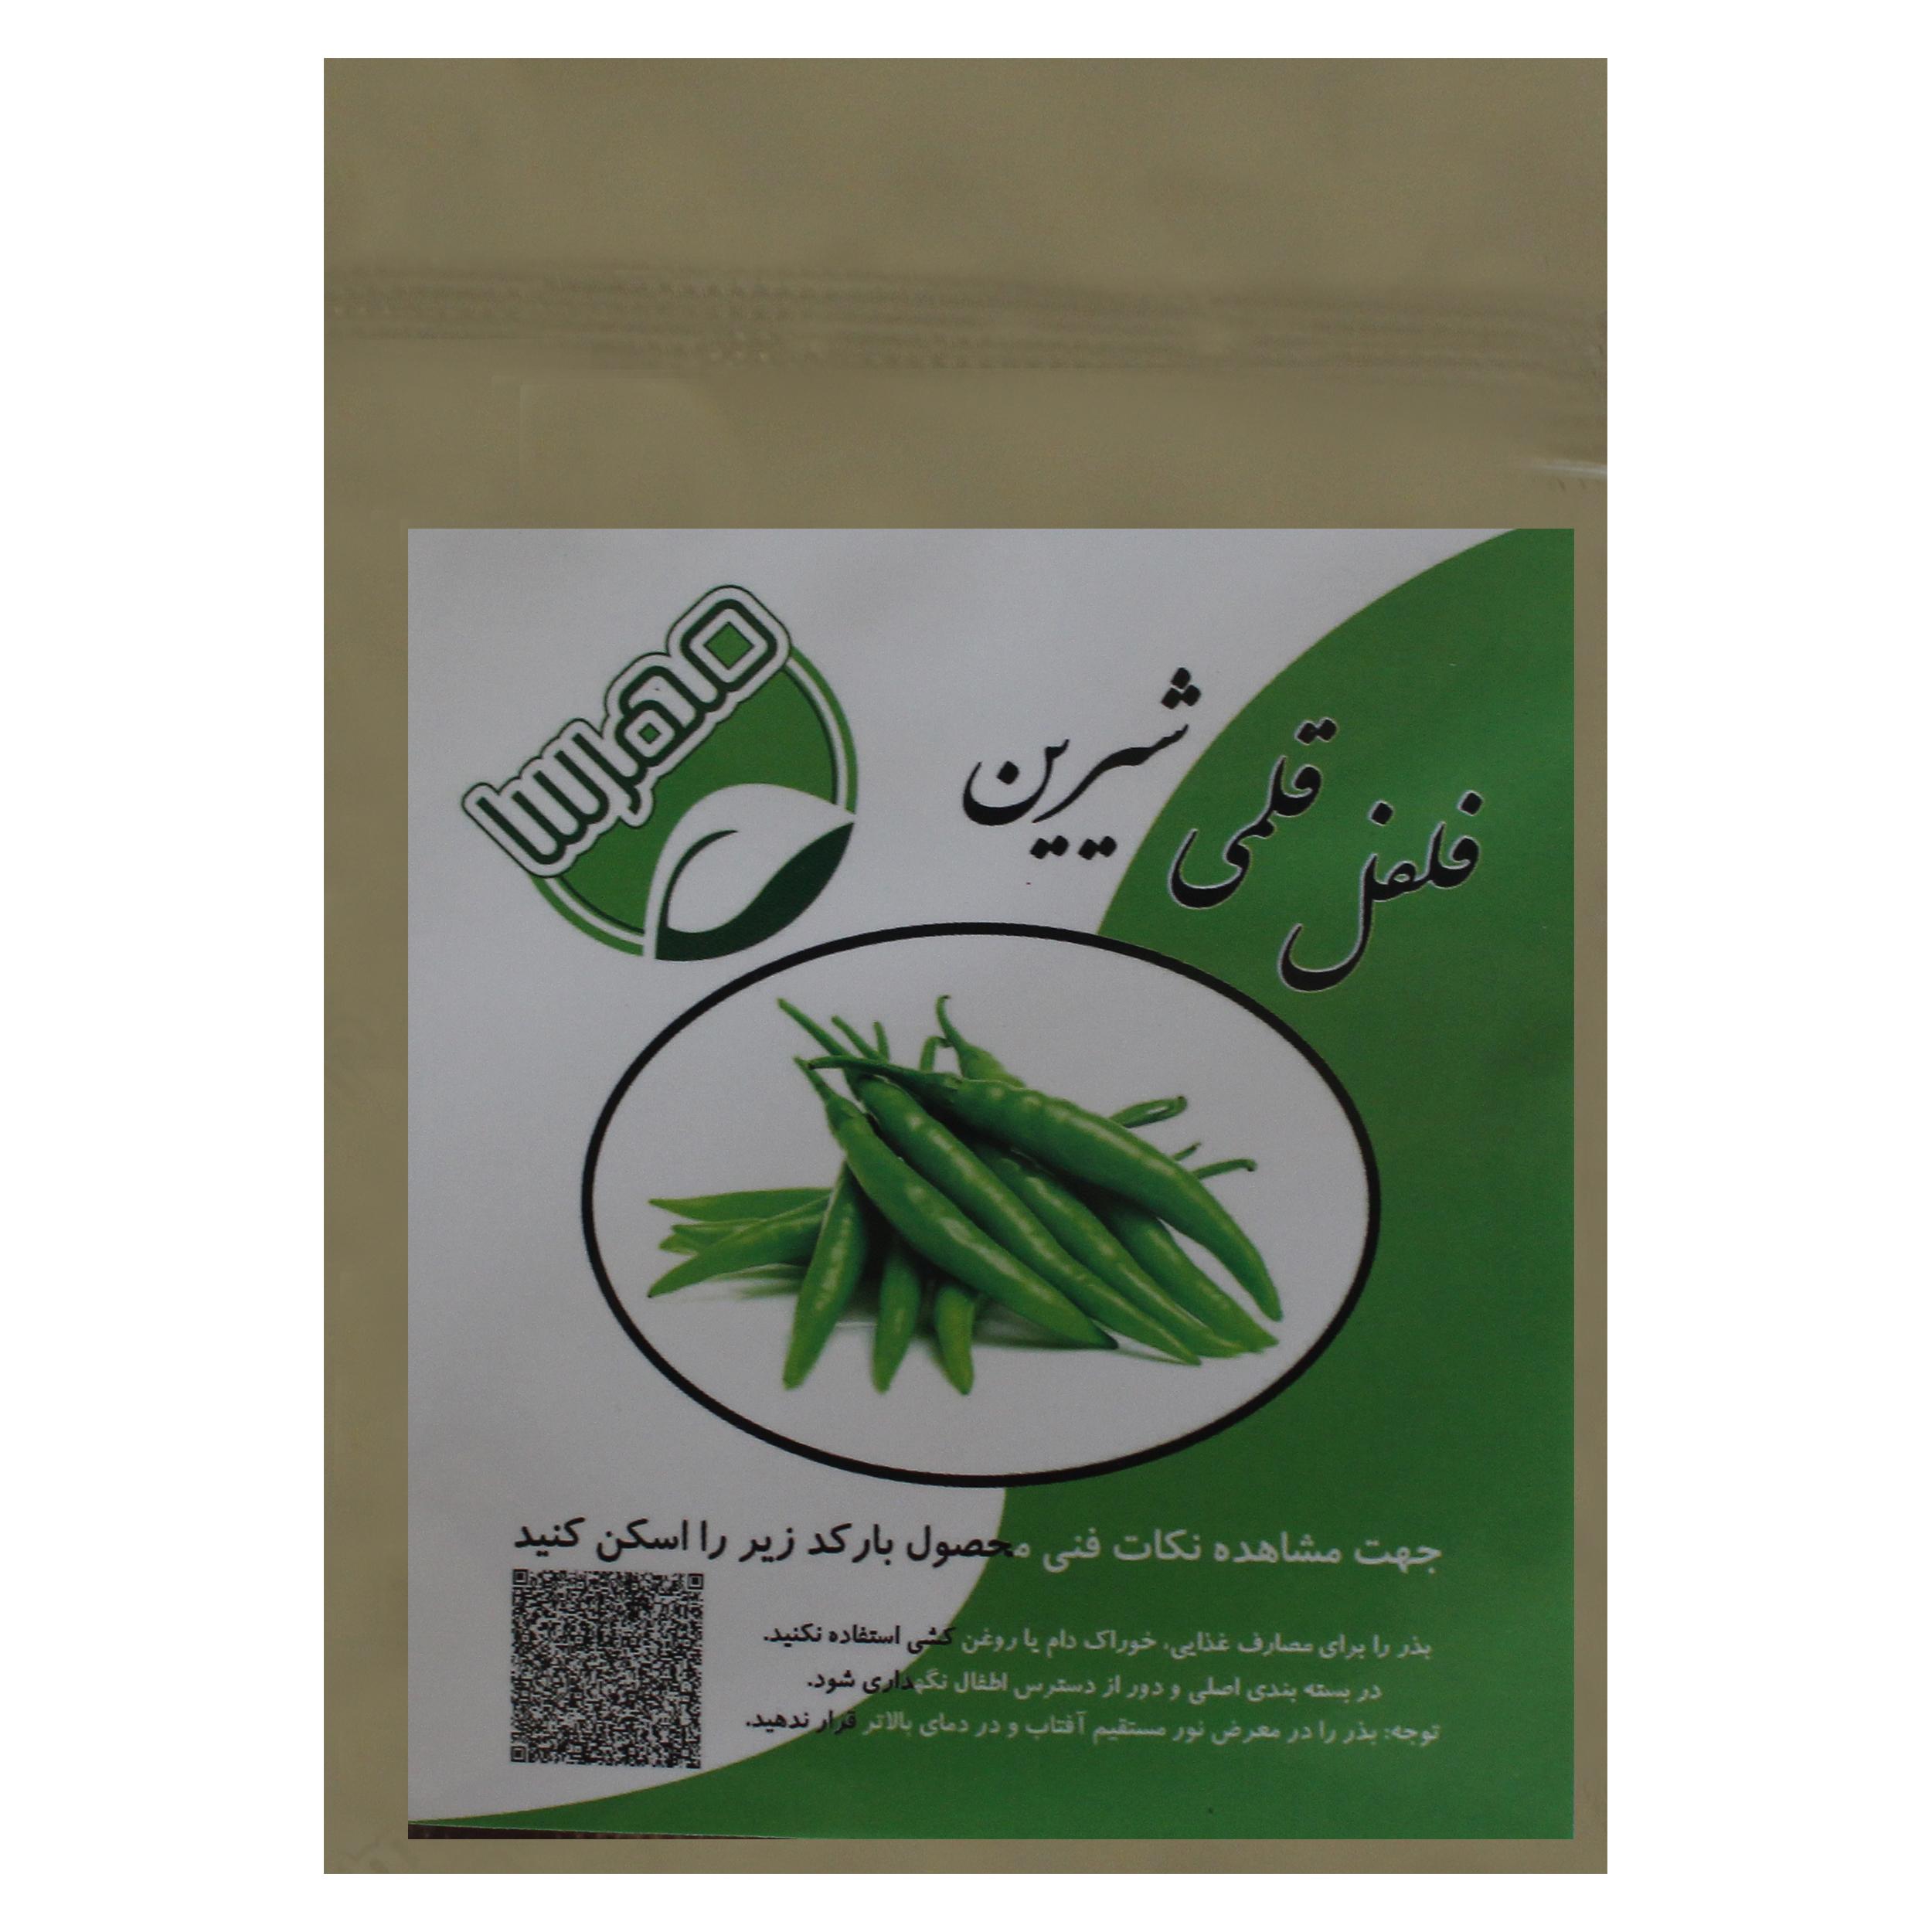 بذر فلفل قلمی شیرین مهرسا کد 002